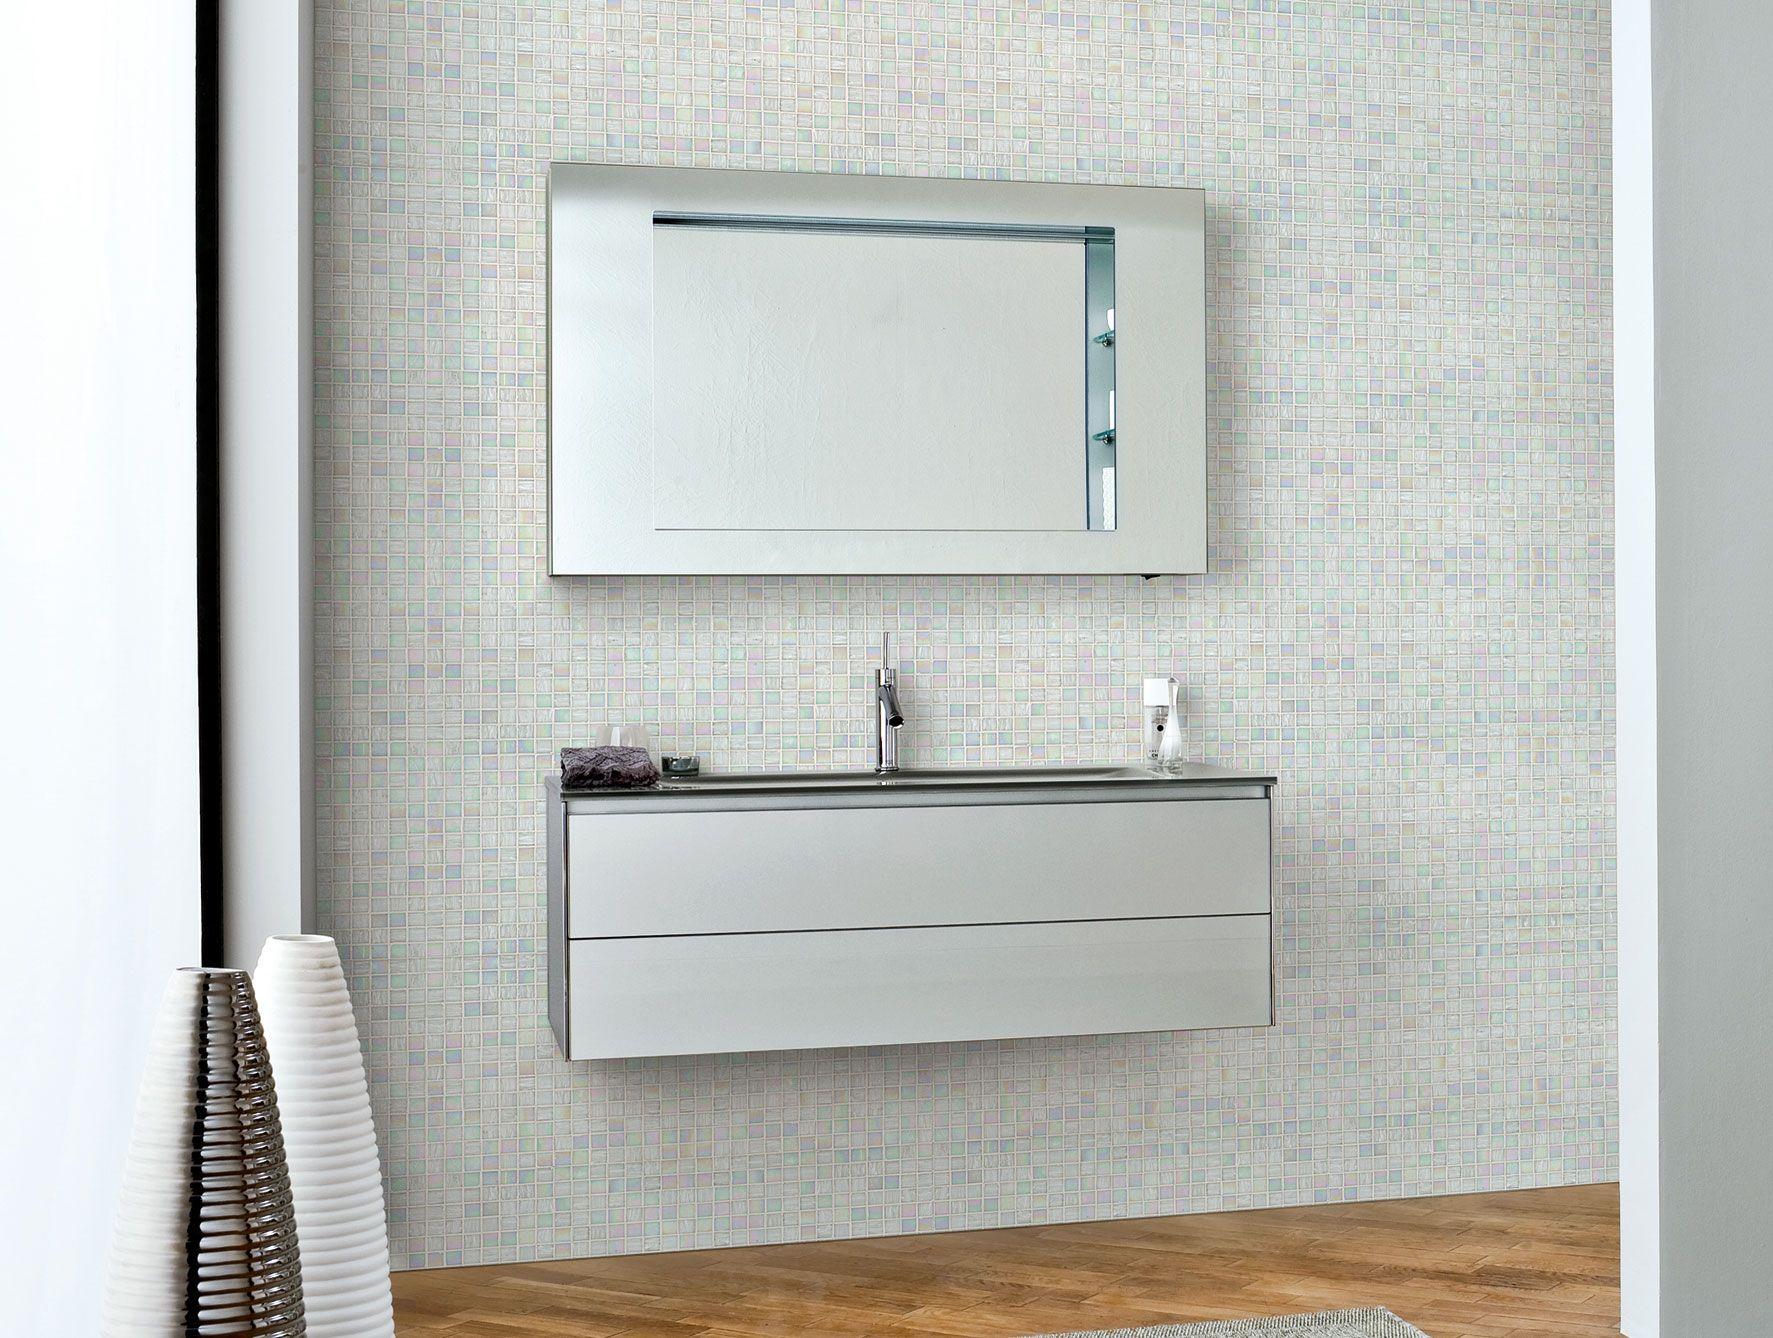 Bad eitelkeit design moderne badezimmer design merkmale eitelkeit waschbecken für